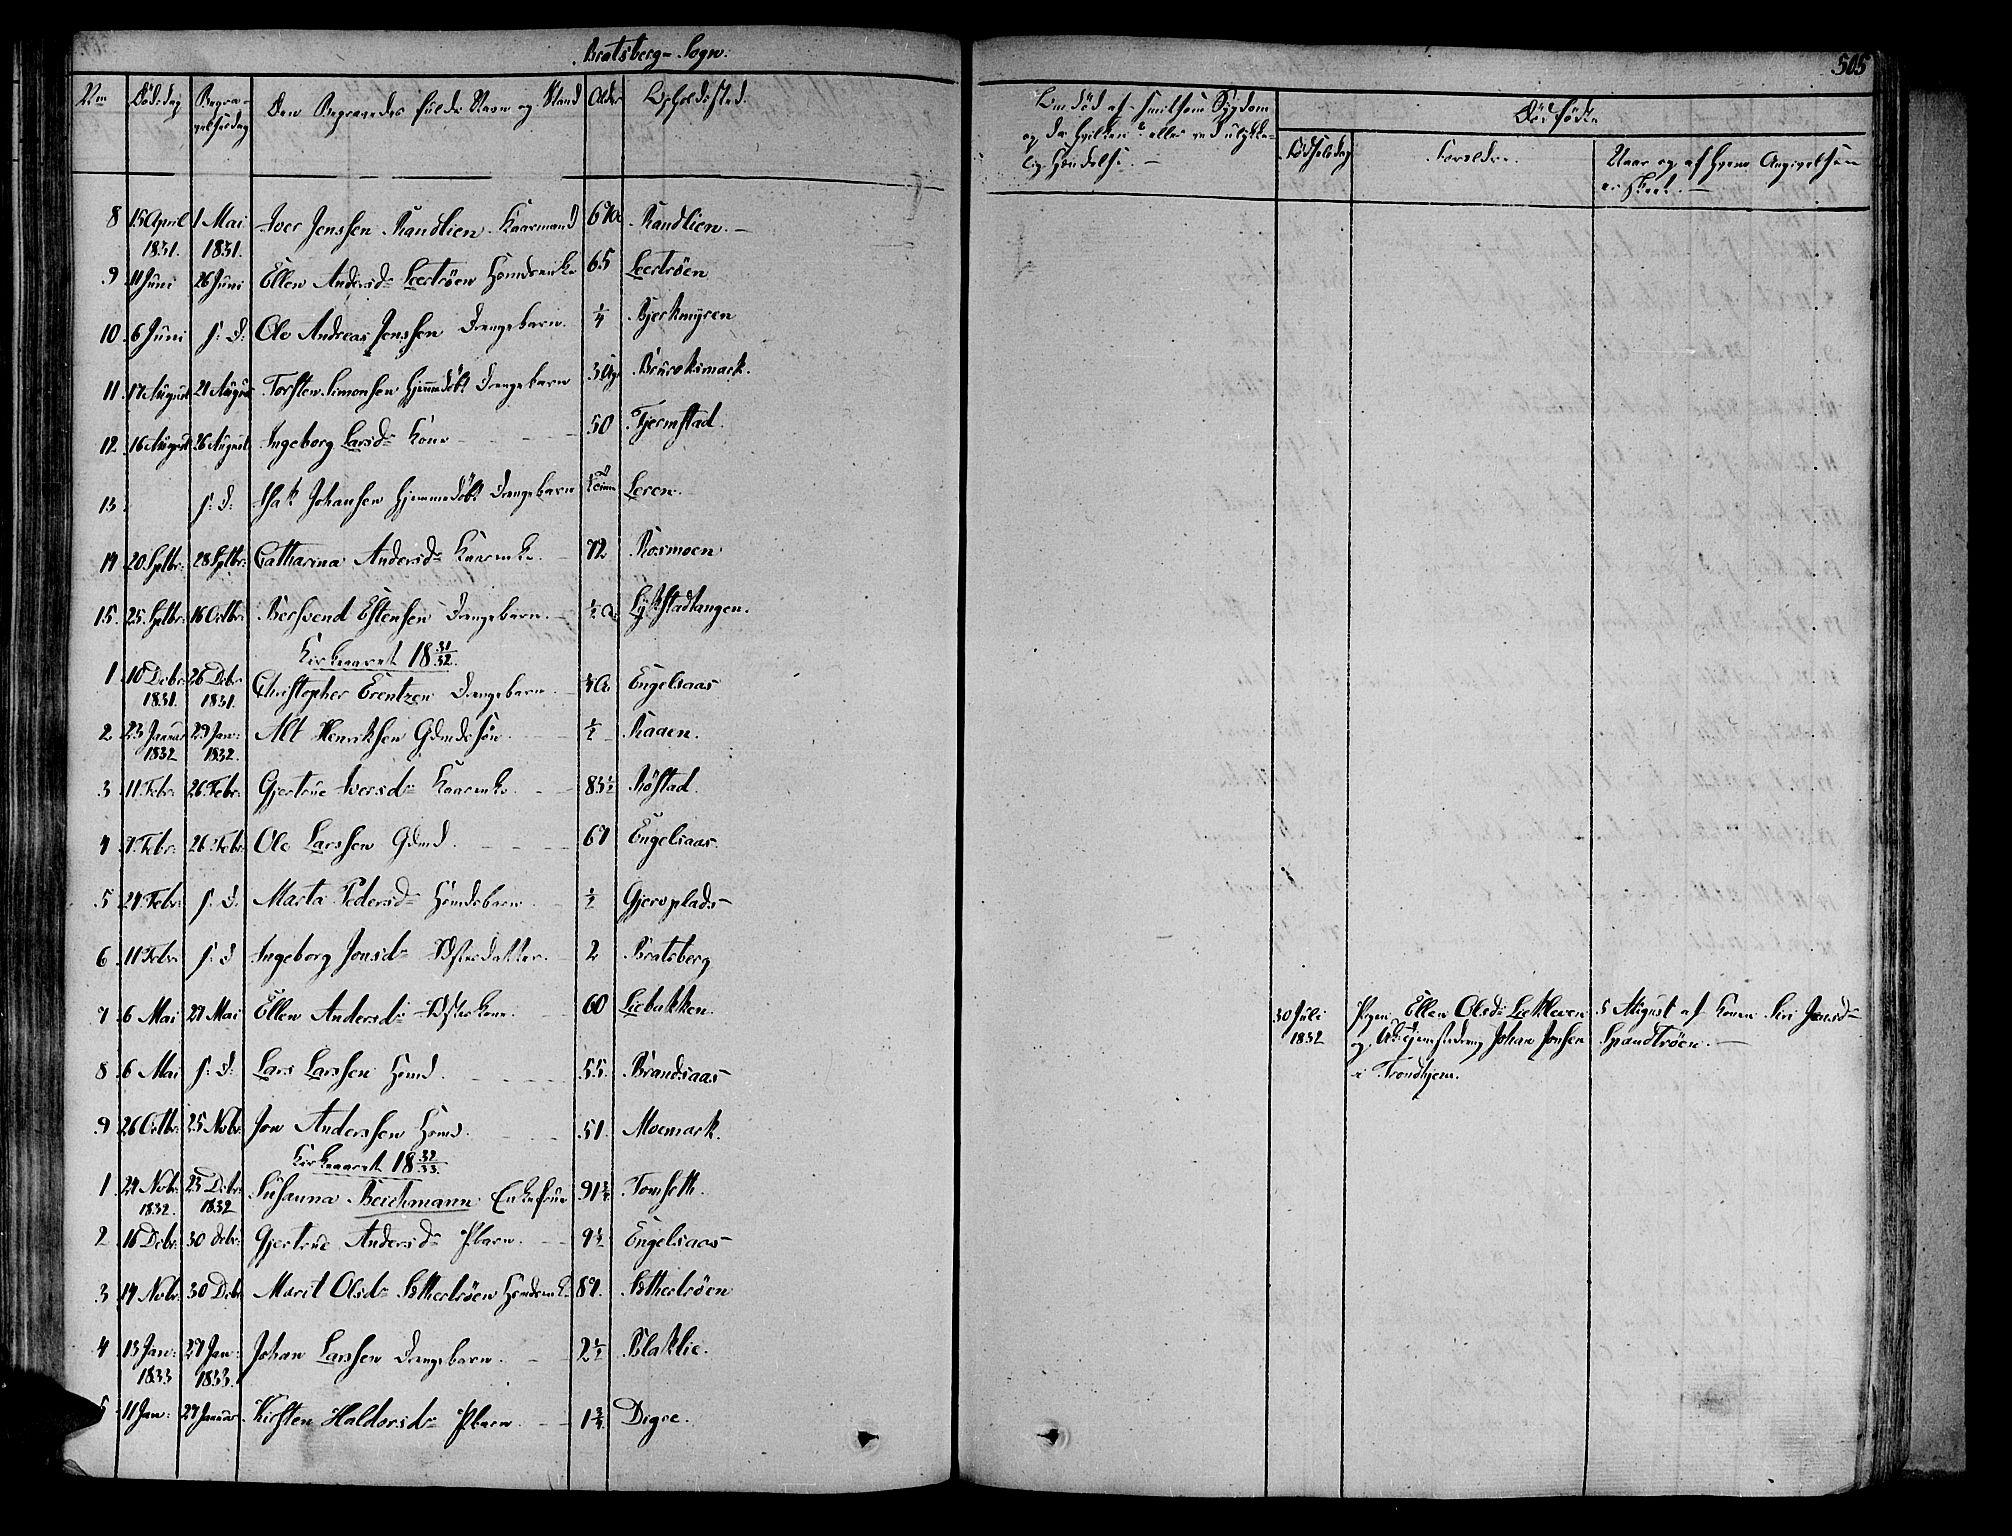 SAT, Ministerialprotokoller, klokkerbøker og fødselsregistre - Sør-Trøndelag, 606/L0289: Ministerialbok nr. 606A04 /4, 1826-1840, s. 505